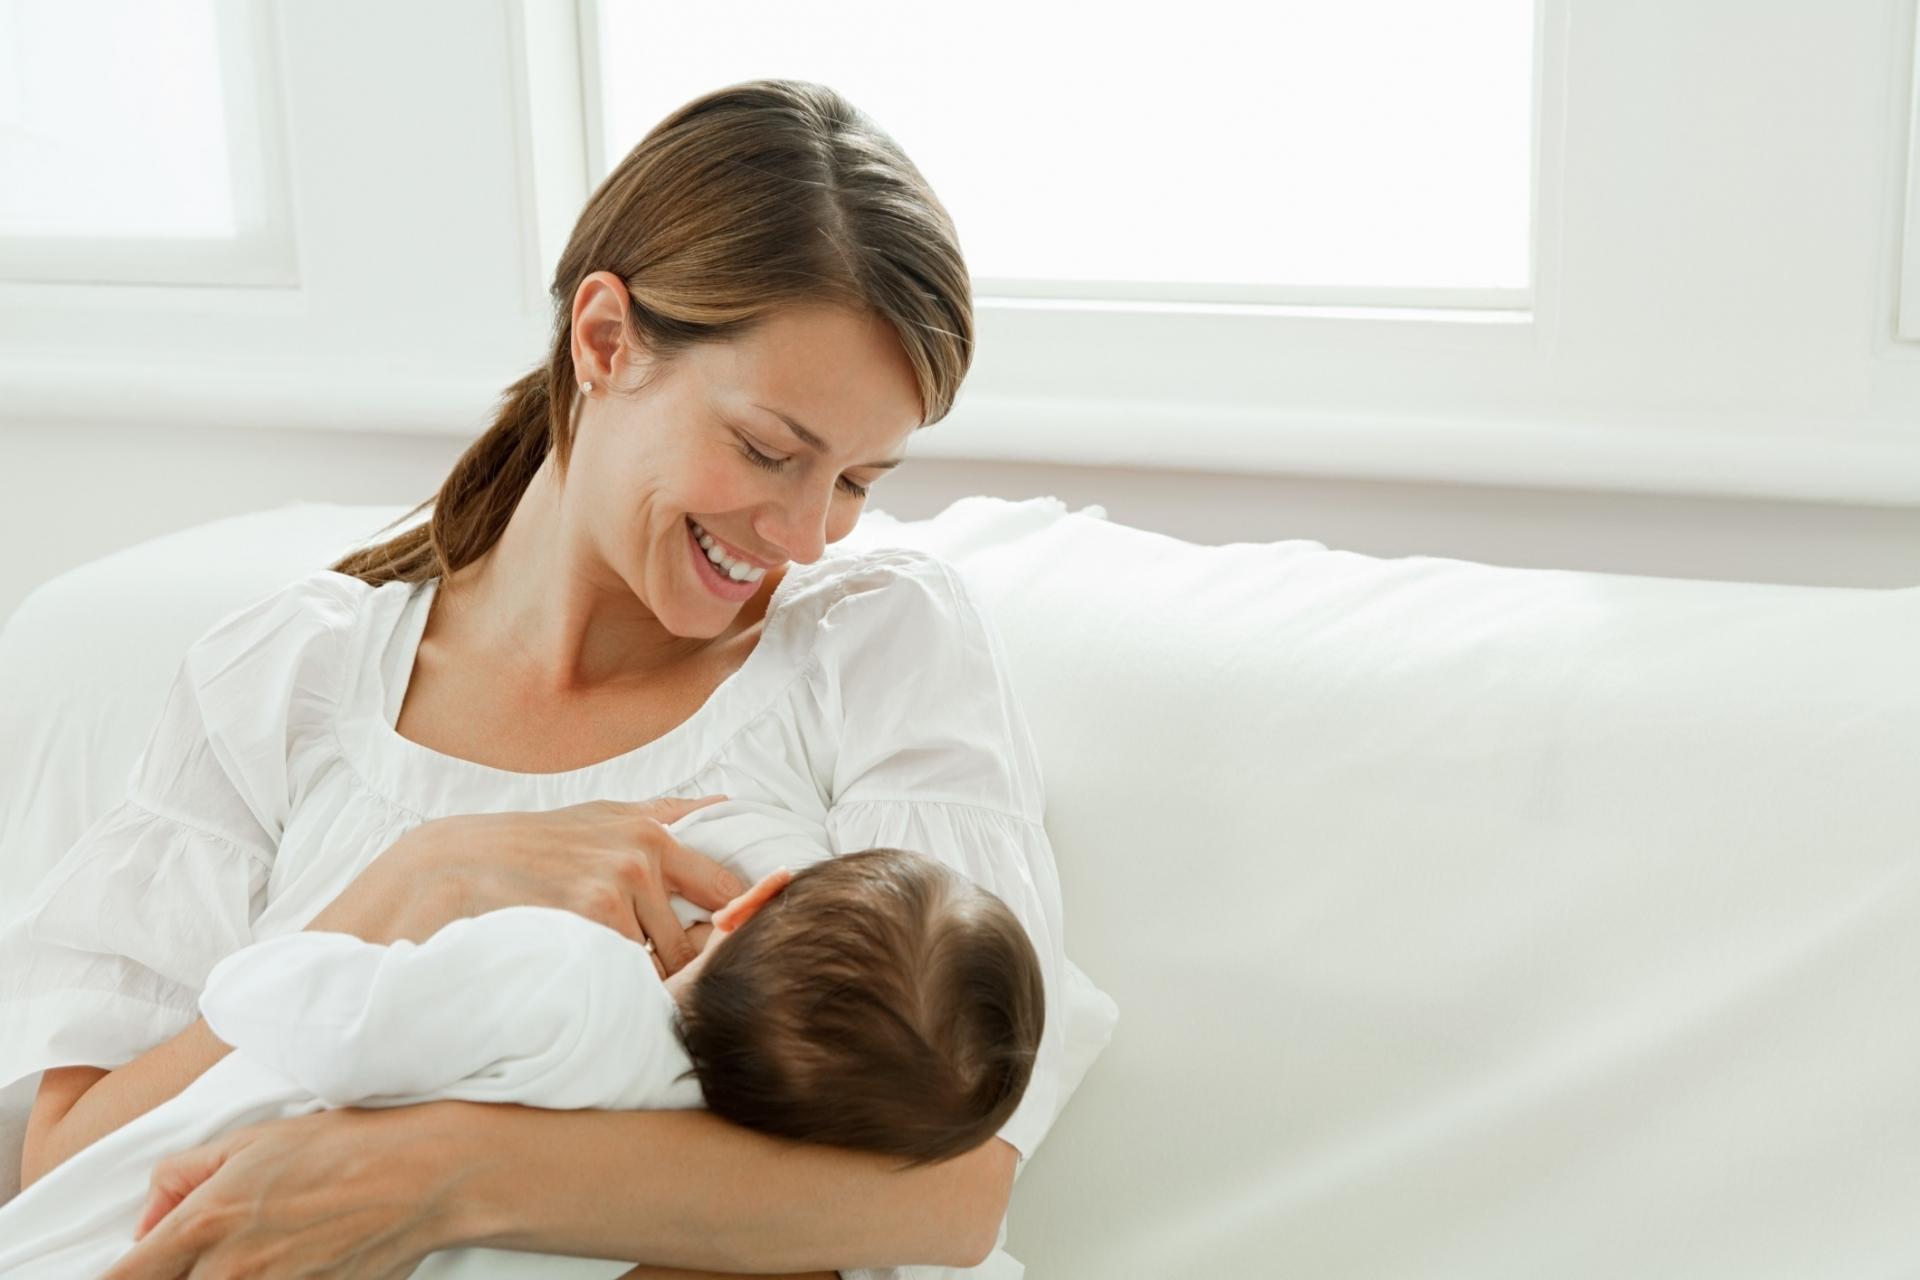 Вакцина от коронавируса COVID-19 не может проникнуть в грудное молоко